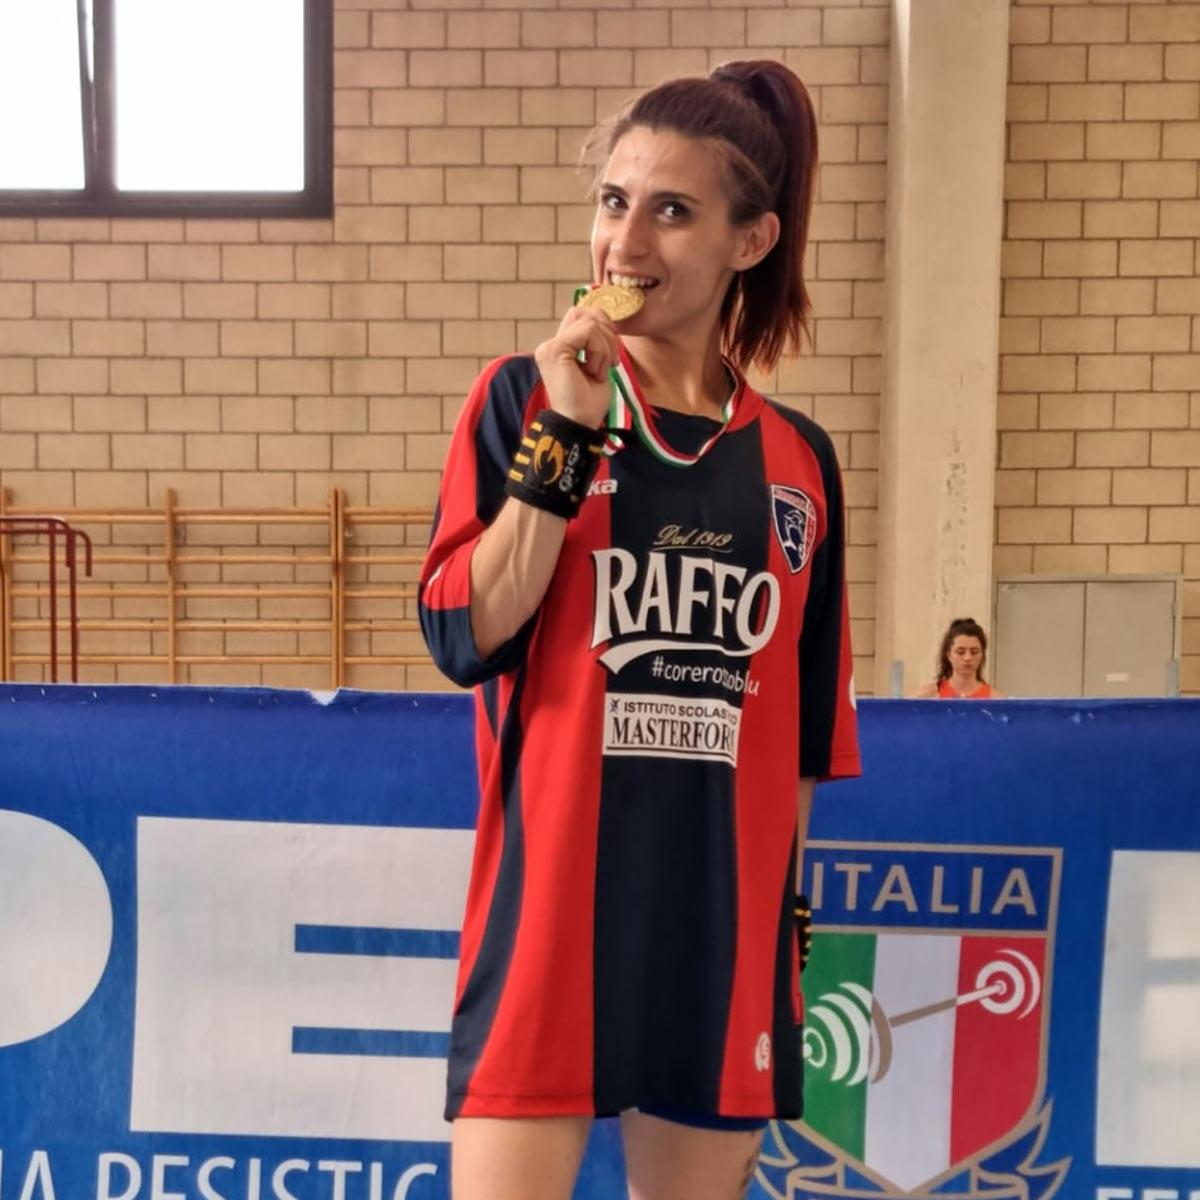 LUCIANA FINA NUOVA CAMPIONESSA ITALIANA DI DISTENSIONE SU PANCA